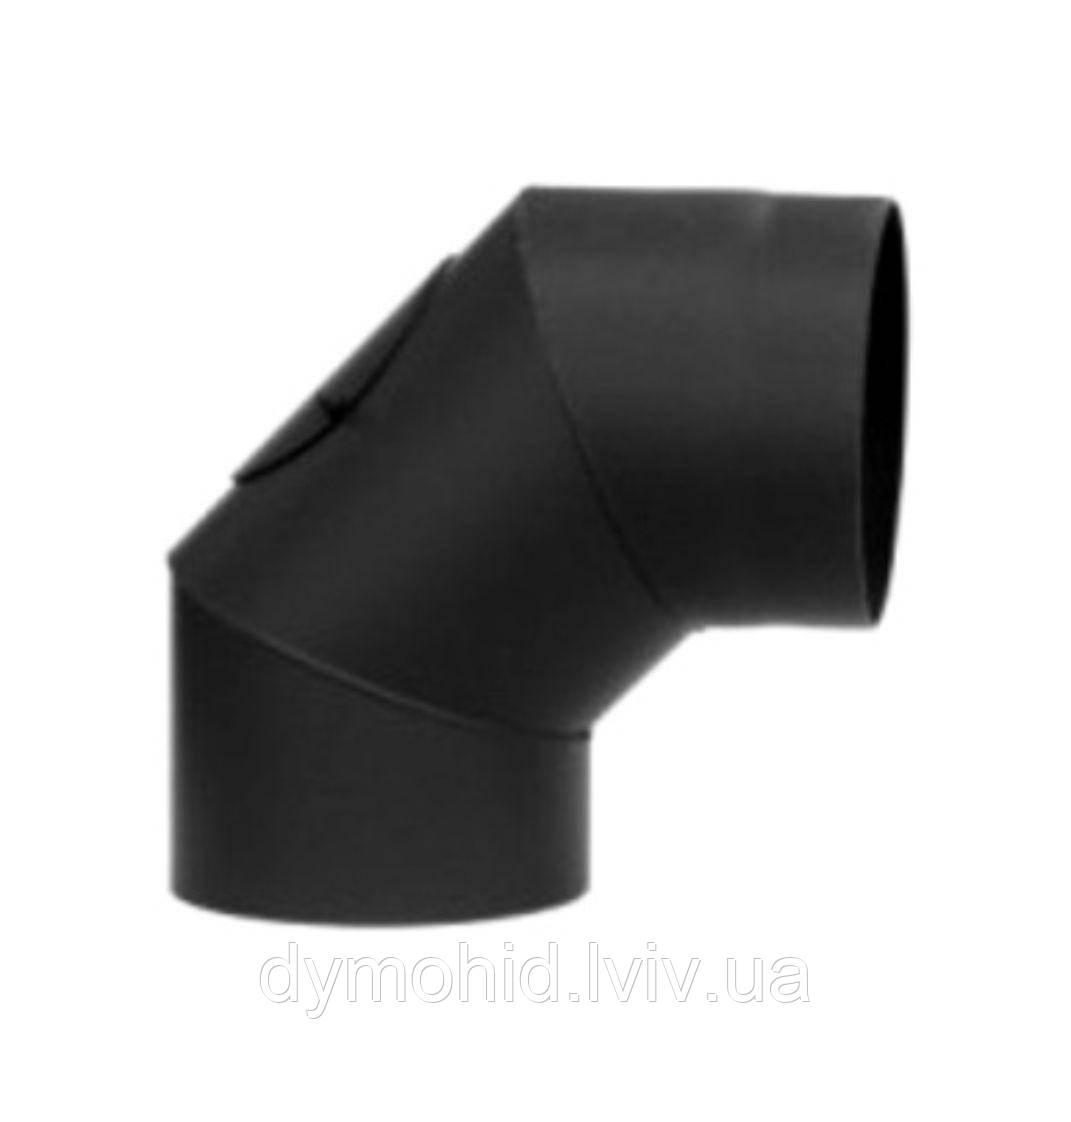 Регульоване коліно 90° з чорної сталі з ревізією  ∅120- ∅200